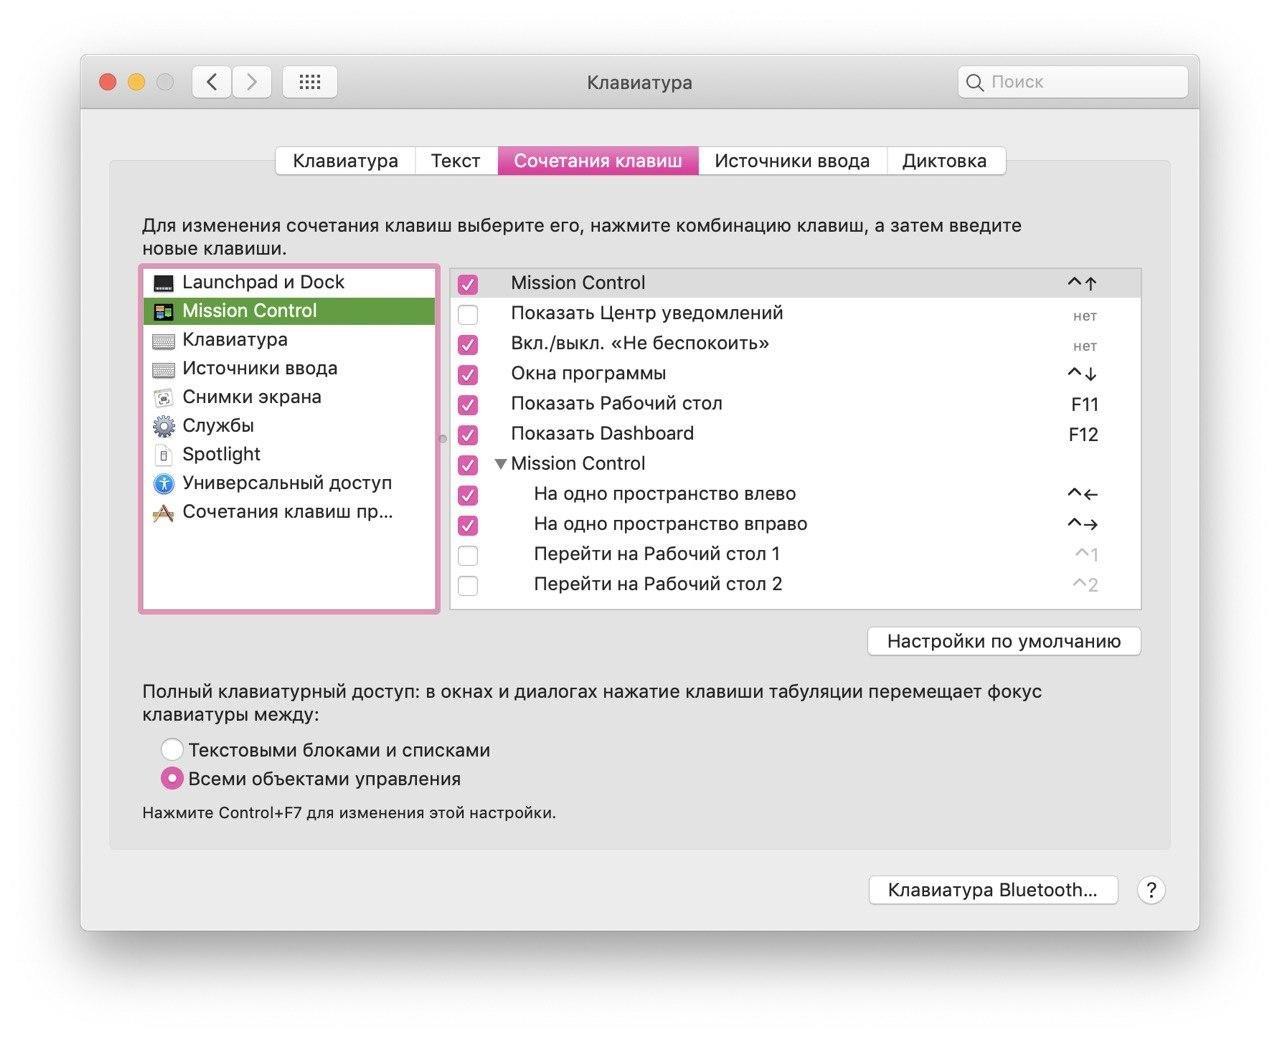 Полный клавиатурный доступ: между всеми объектами